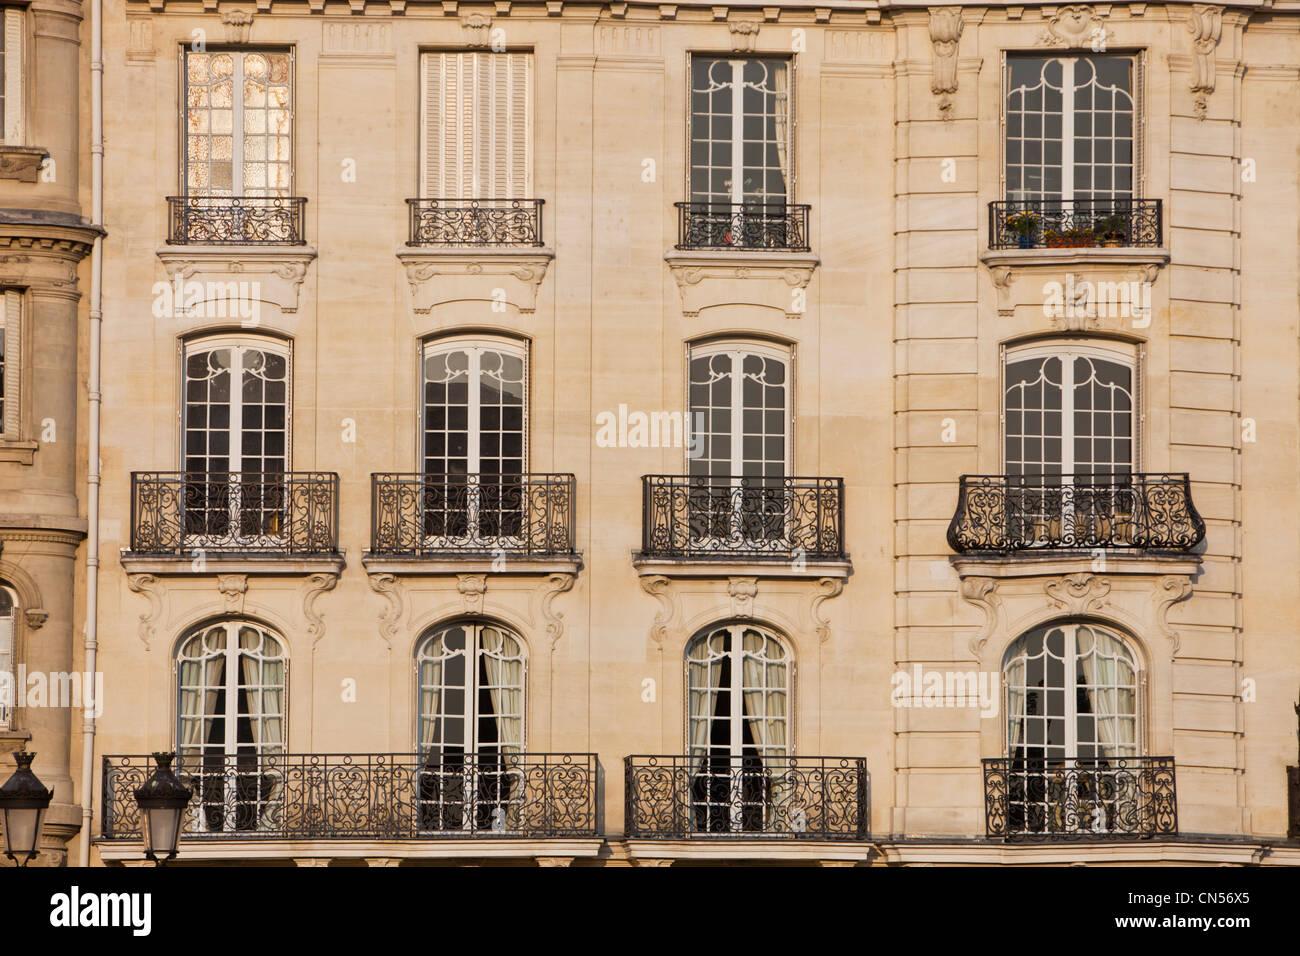 France Paris Haussmann building type facade on the Ile St Louis